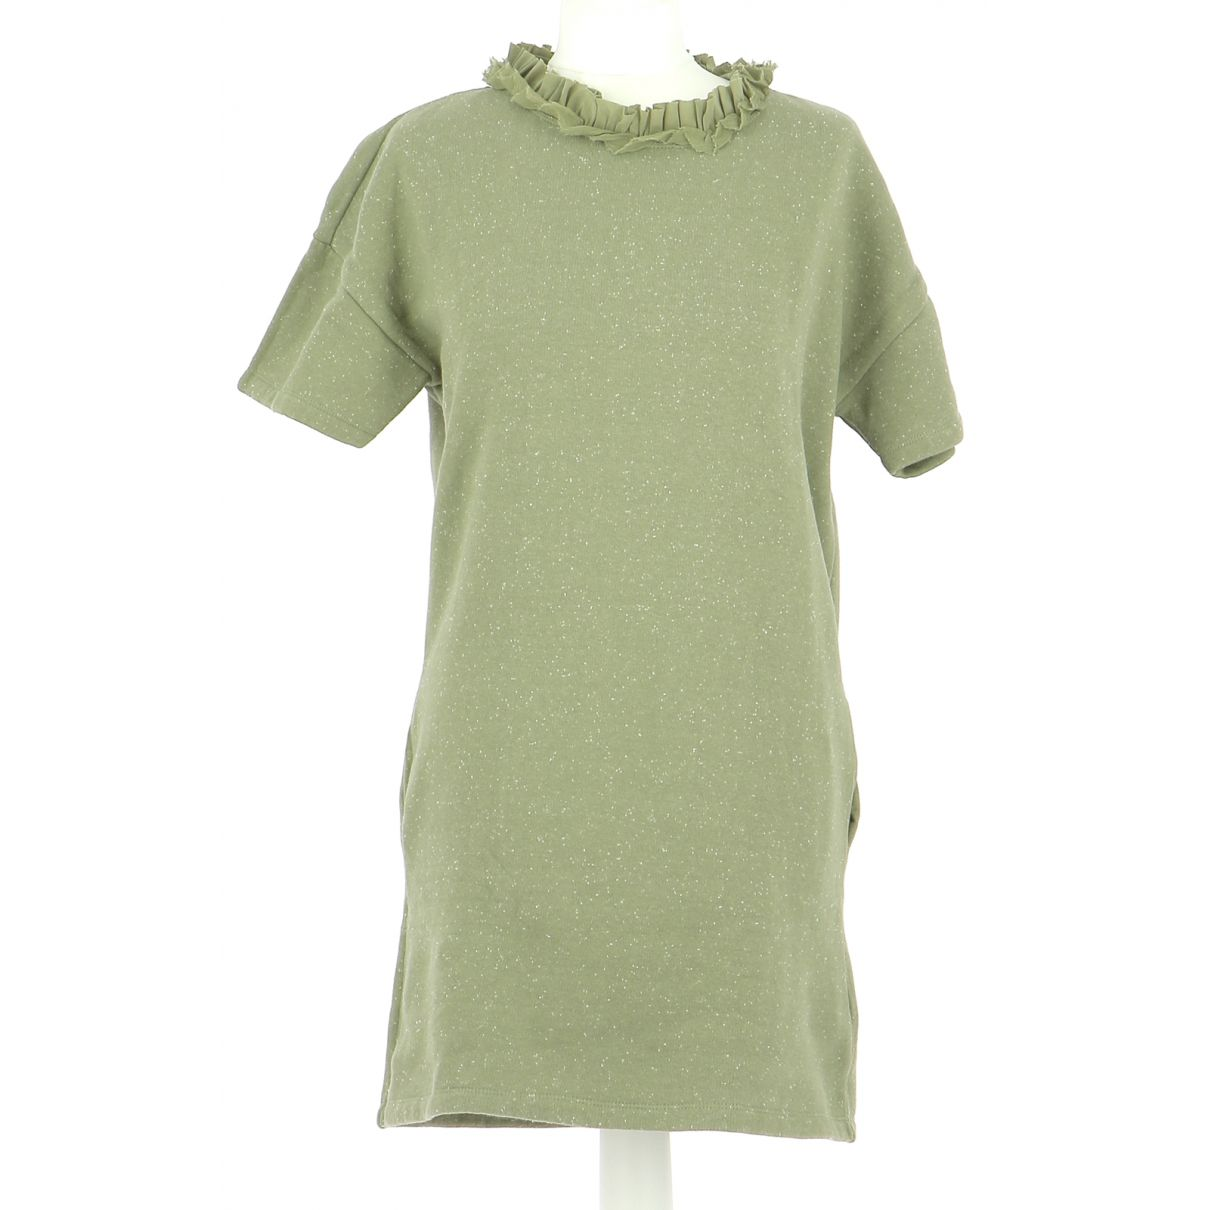 Robes Vanessa Bruno Athe pour femme en coton. Taille 36 FR.